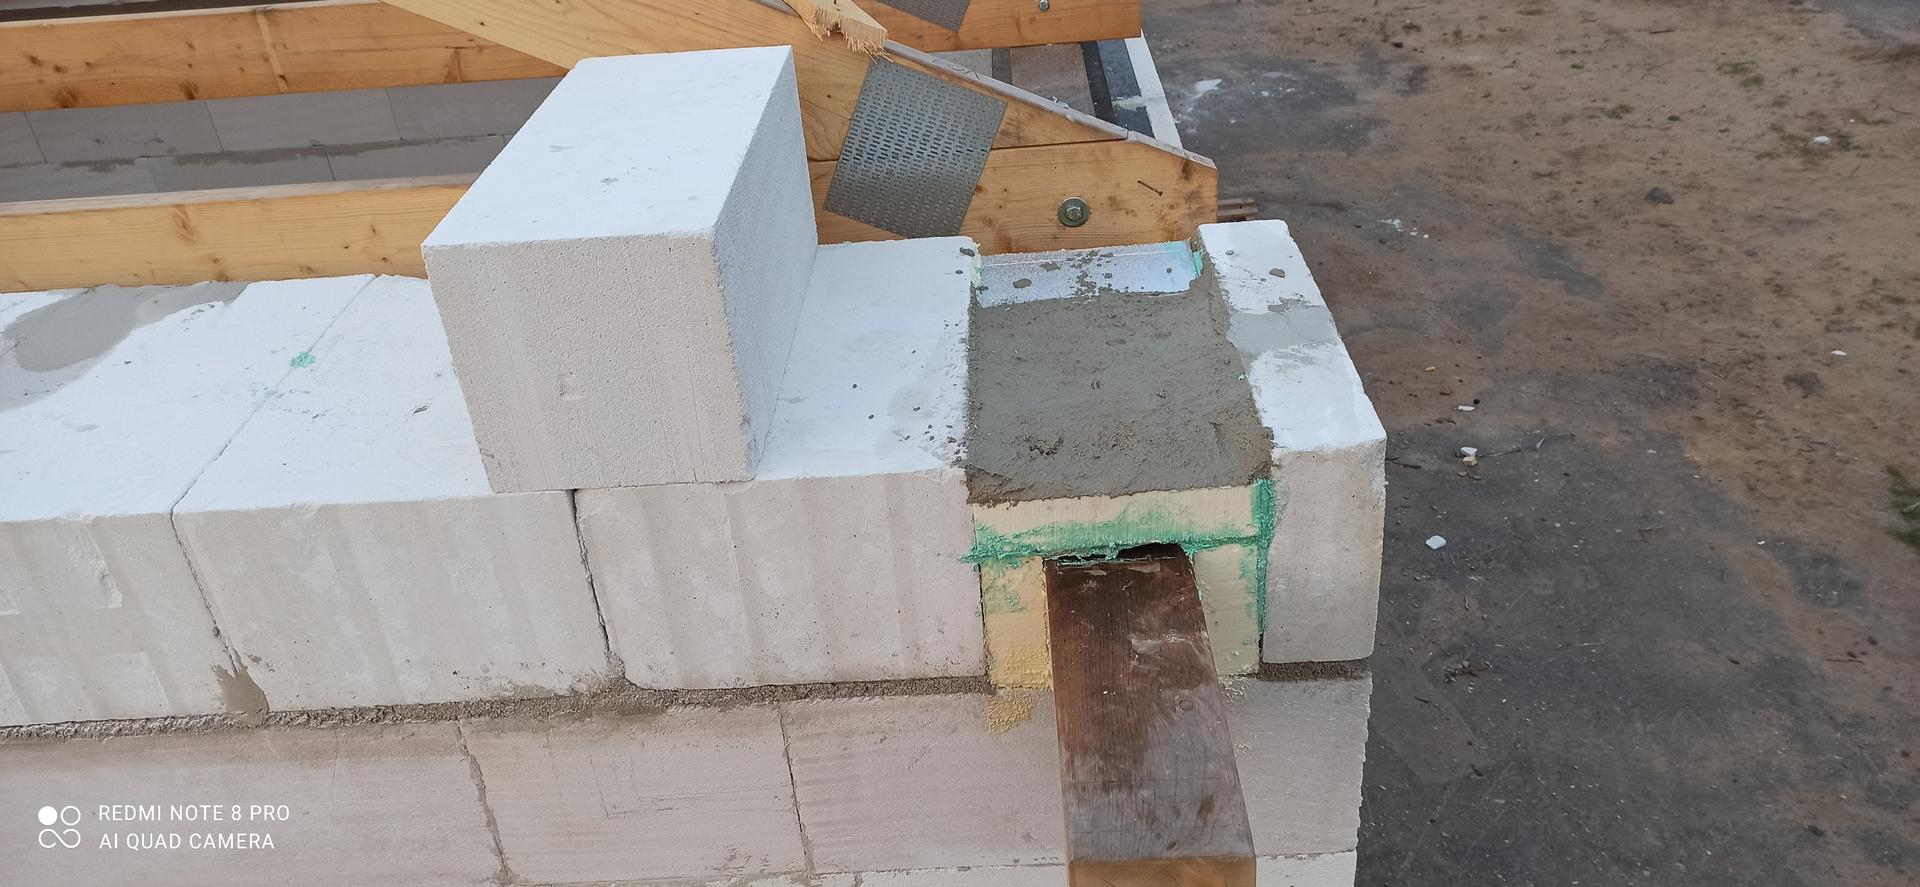 Střecha - Izolace PIR kolem pozednice, z důvodu jak tepelněizolační tak mechanické odolnosti kvůli odlišným materiálům zdivo vs dřevo.